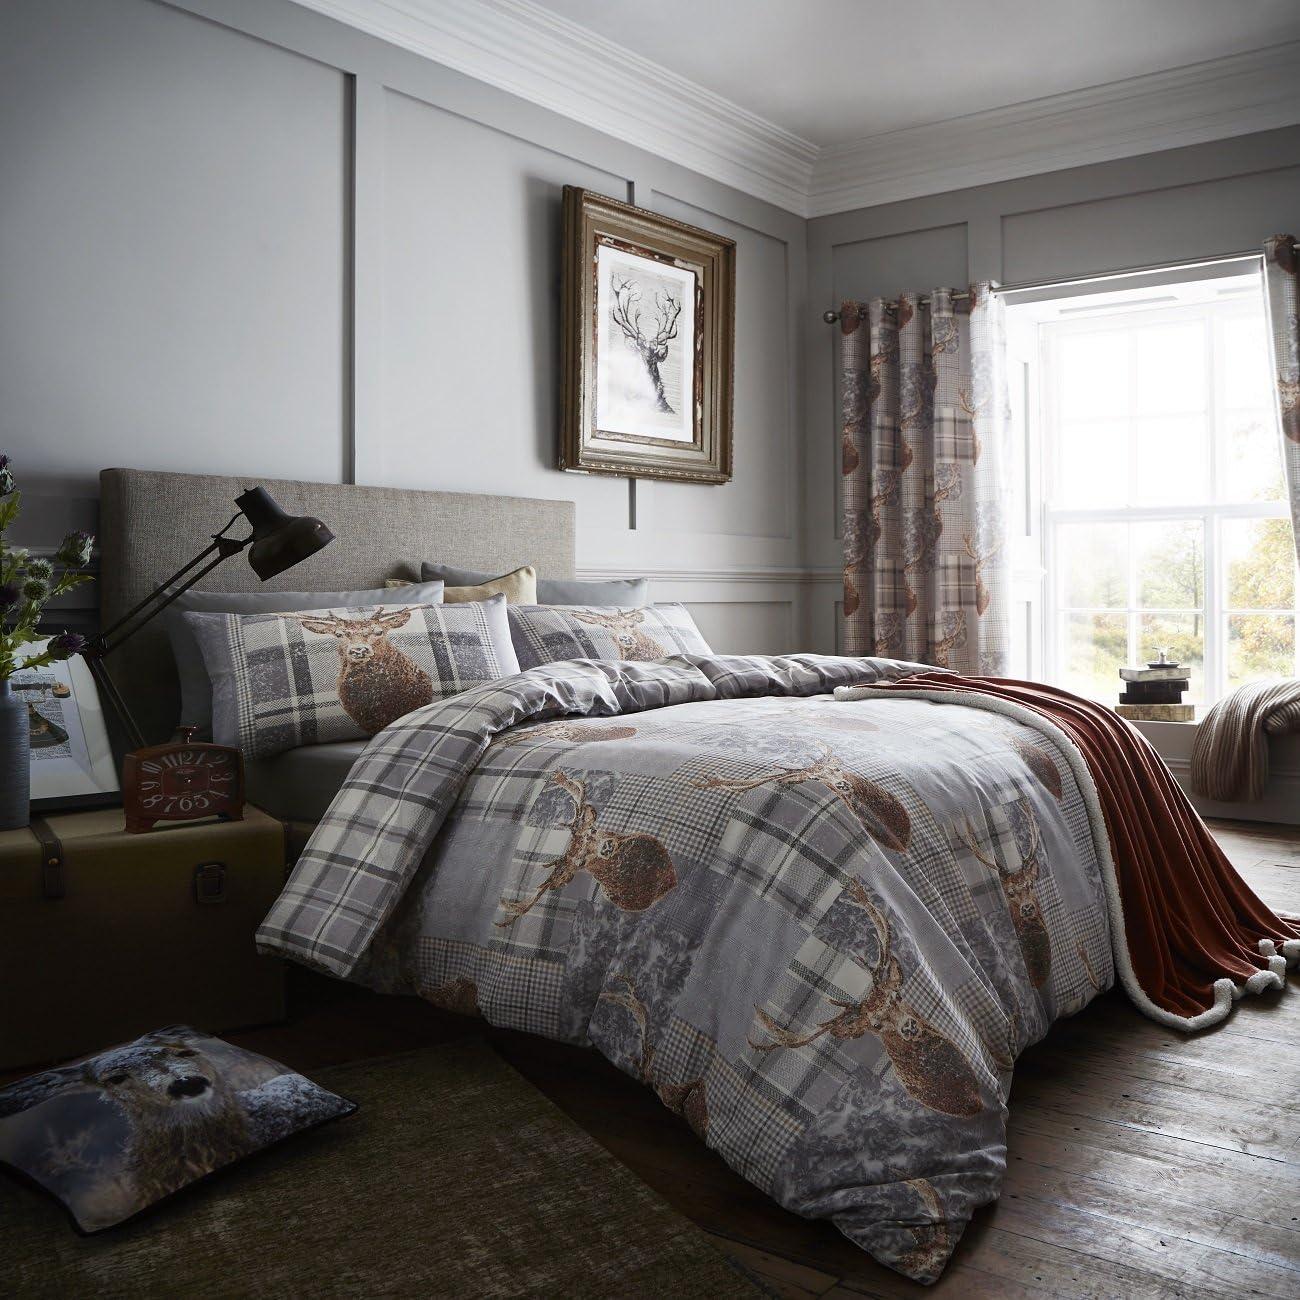 Burnt Orange 168/x 274/cm Textil Burnt orange 66 x 90 Inches Catherine Lansfield geb/ürstete Heritage-Check-Vorh/änge mit /Ösen